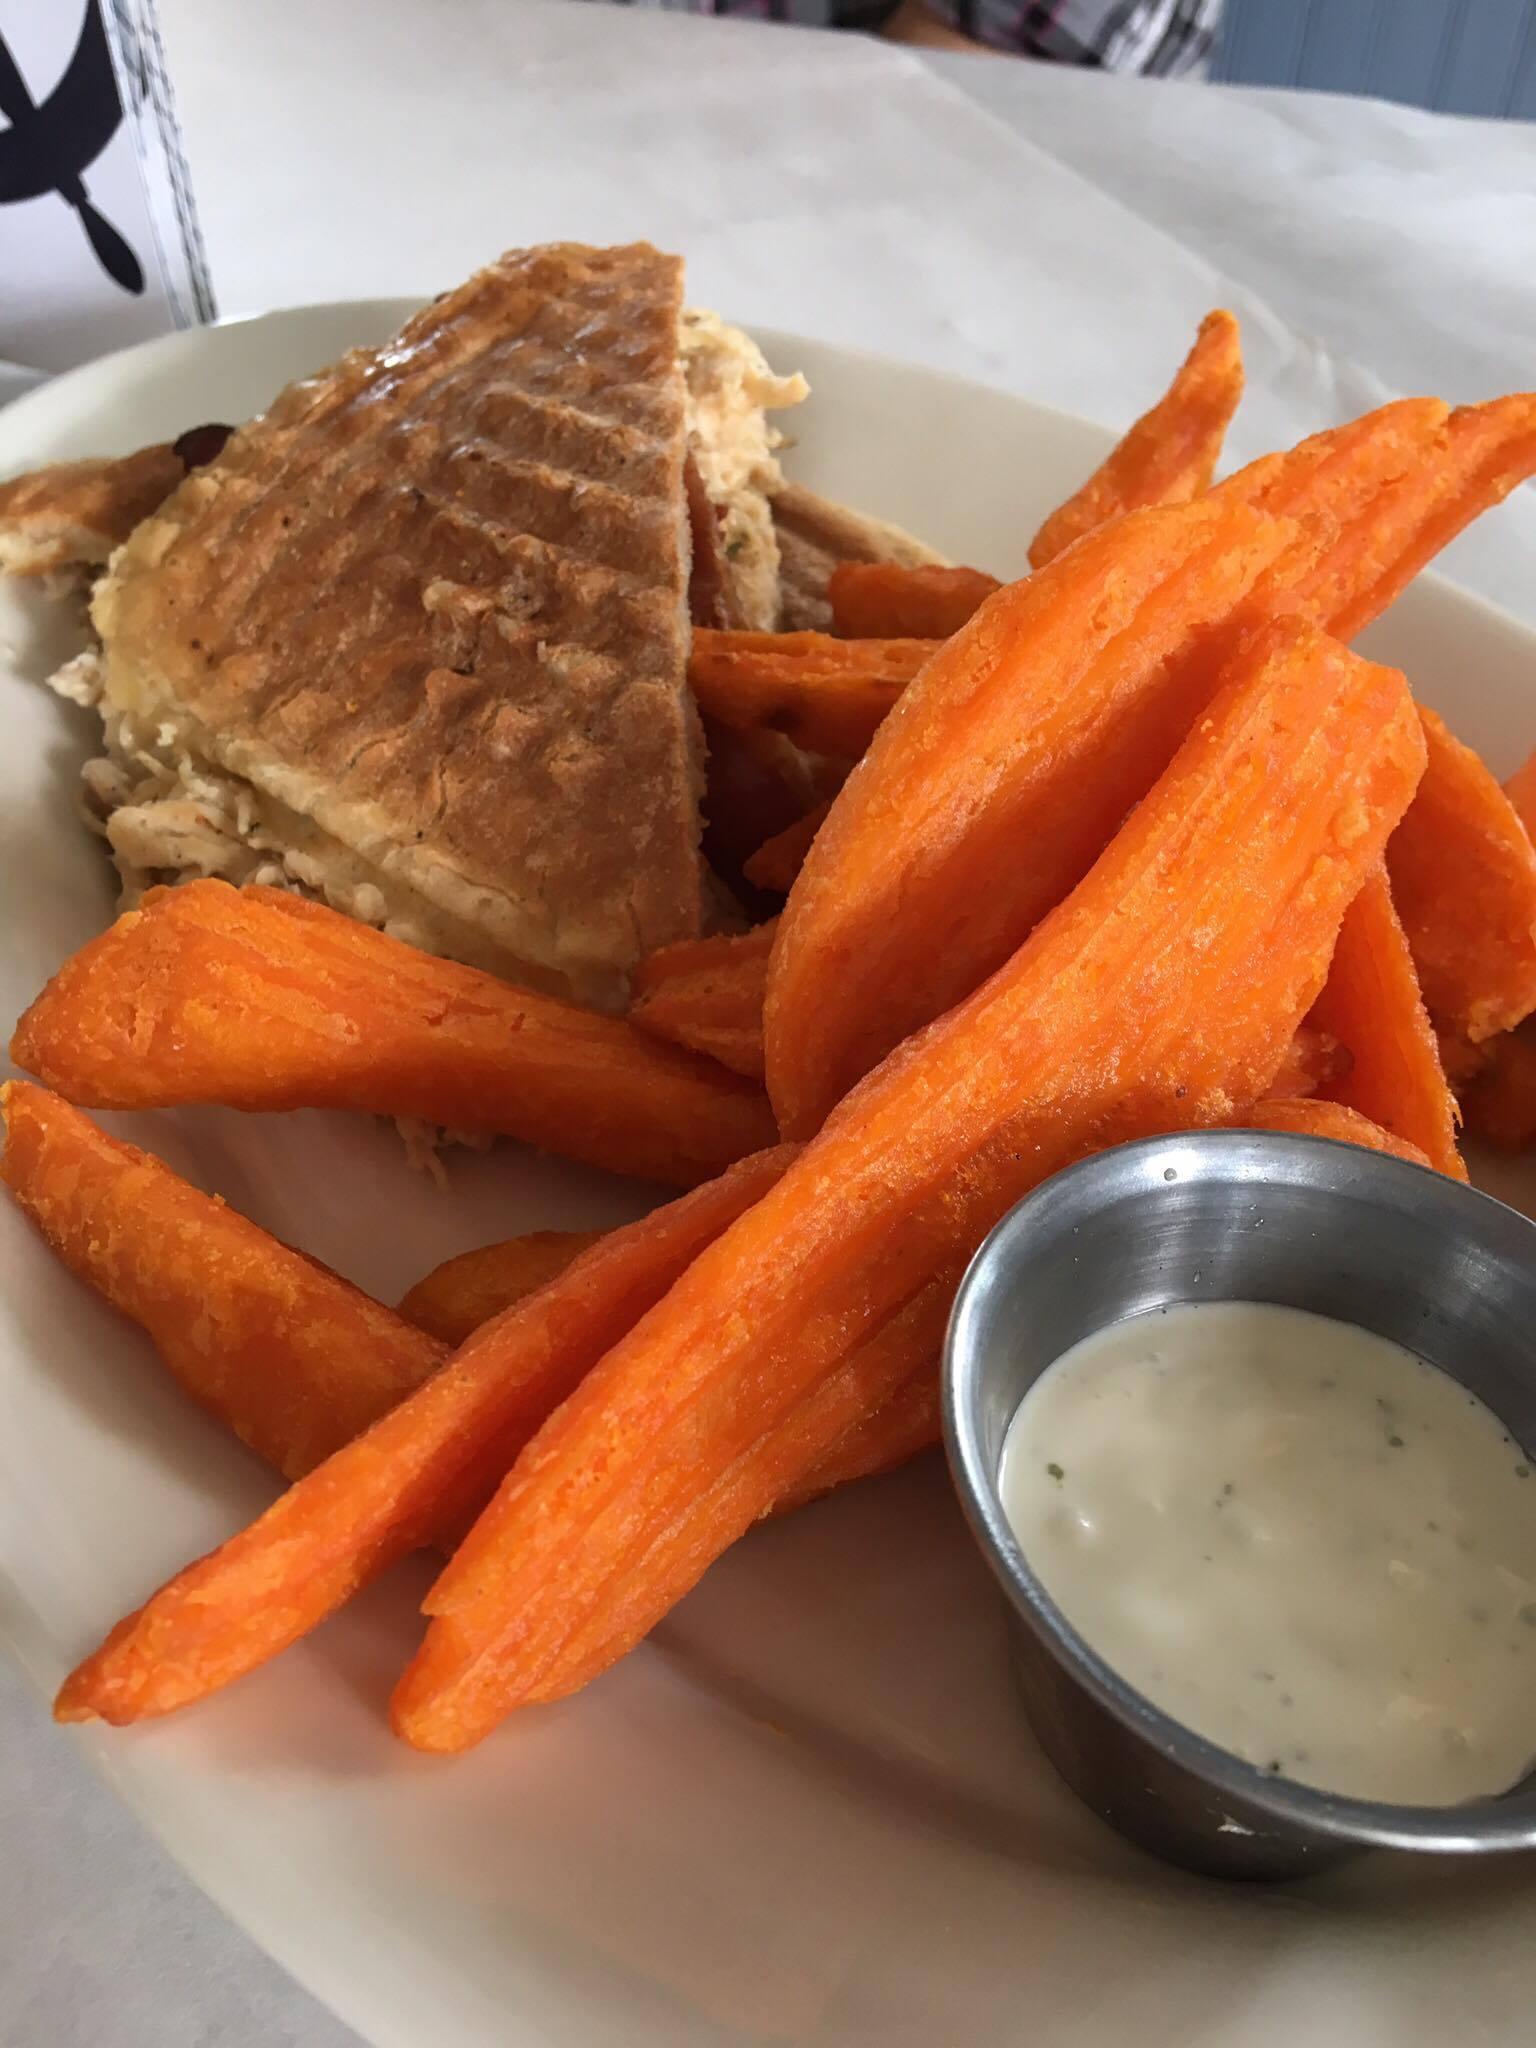 cordon bleu panini with sweet potato fries